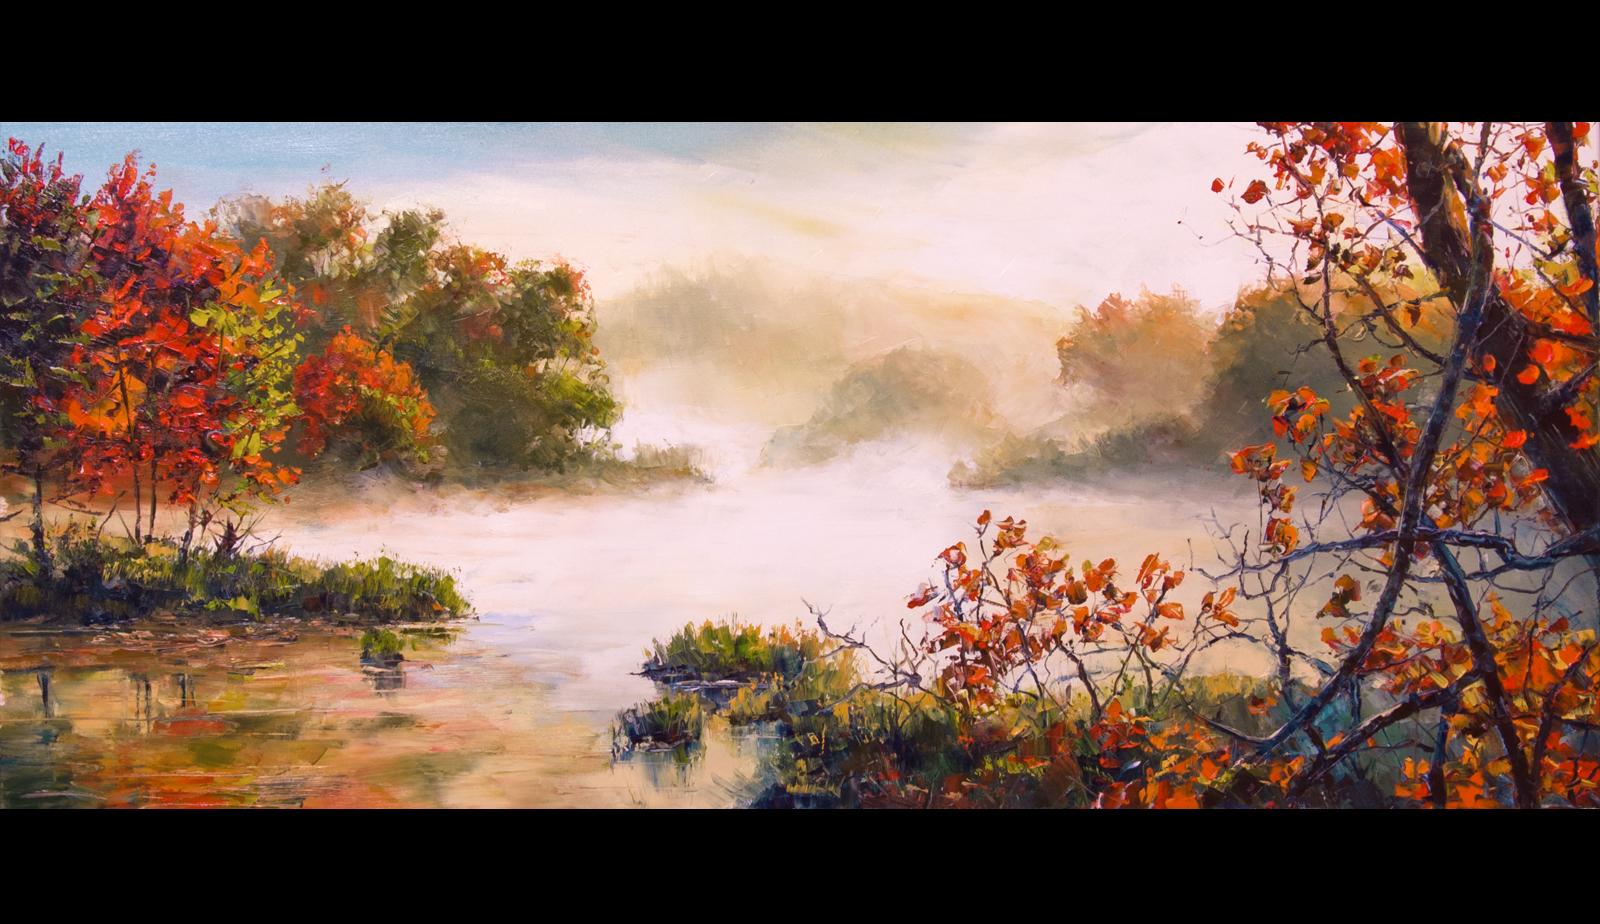 fog by VityaR83